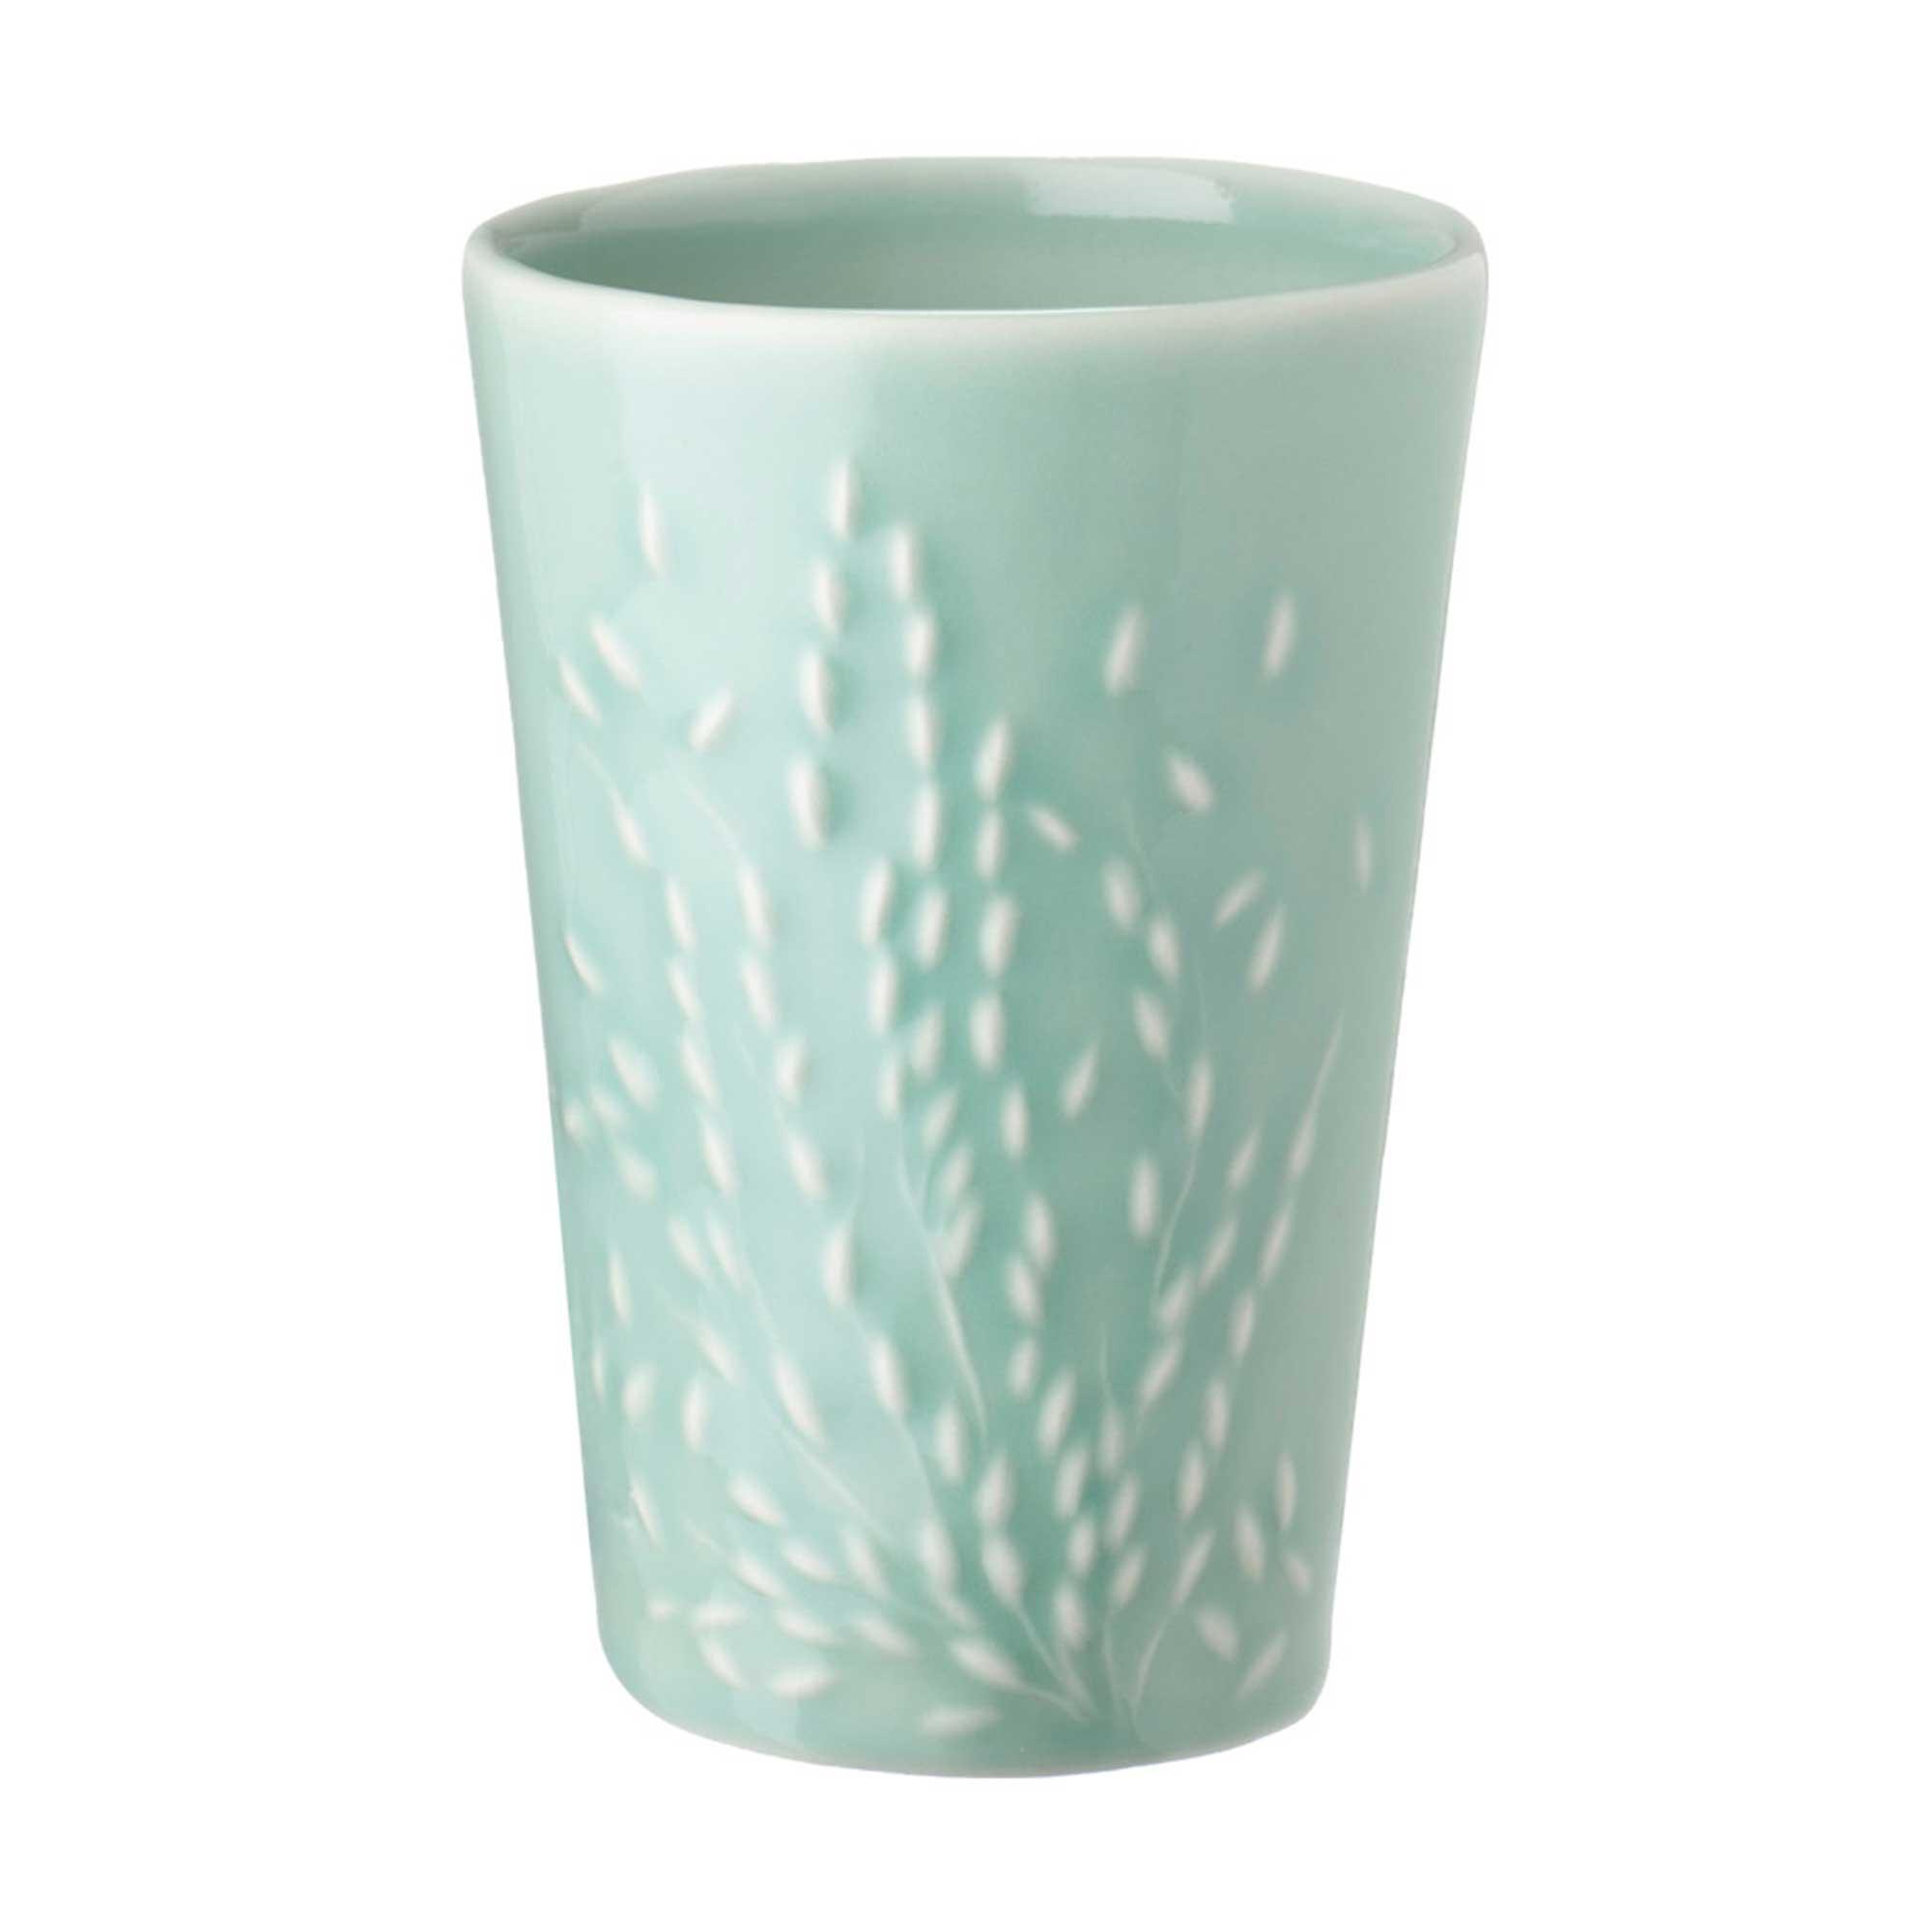 Padi Cup